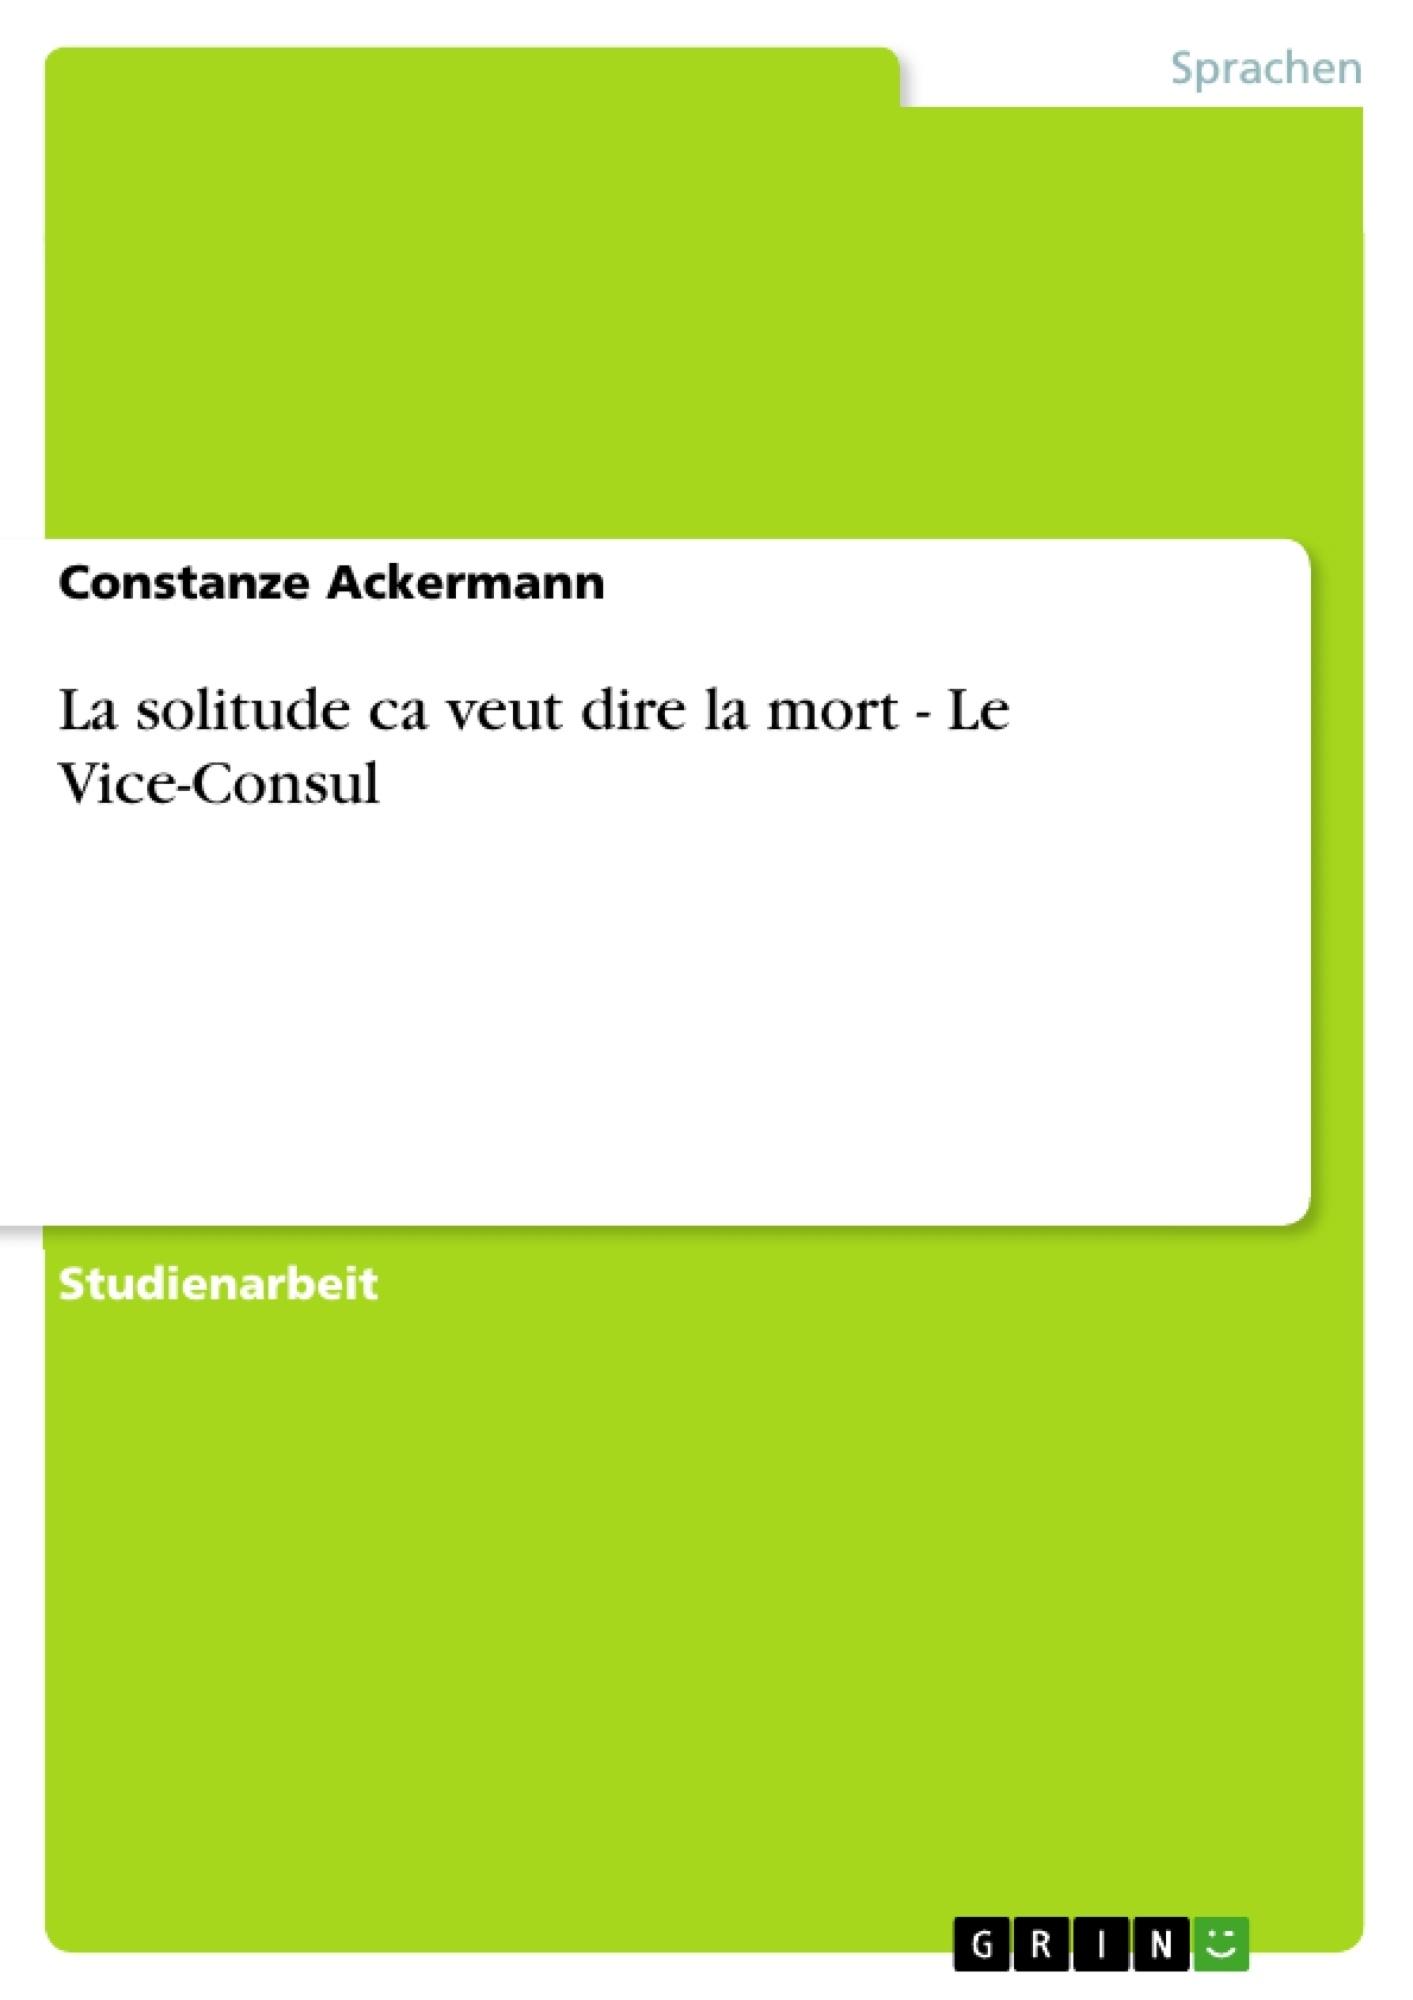 Titel: La solitude ca veut dire la mort - Le Vice-Consul